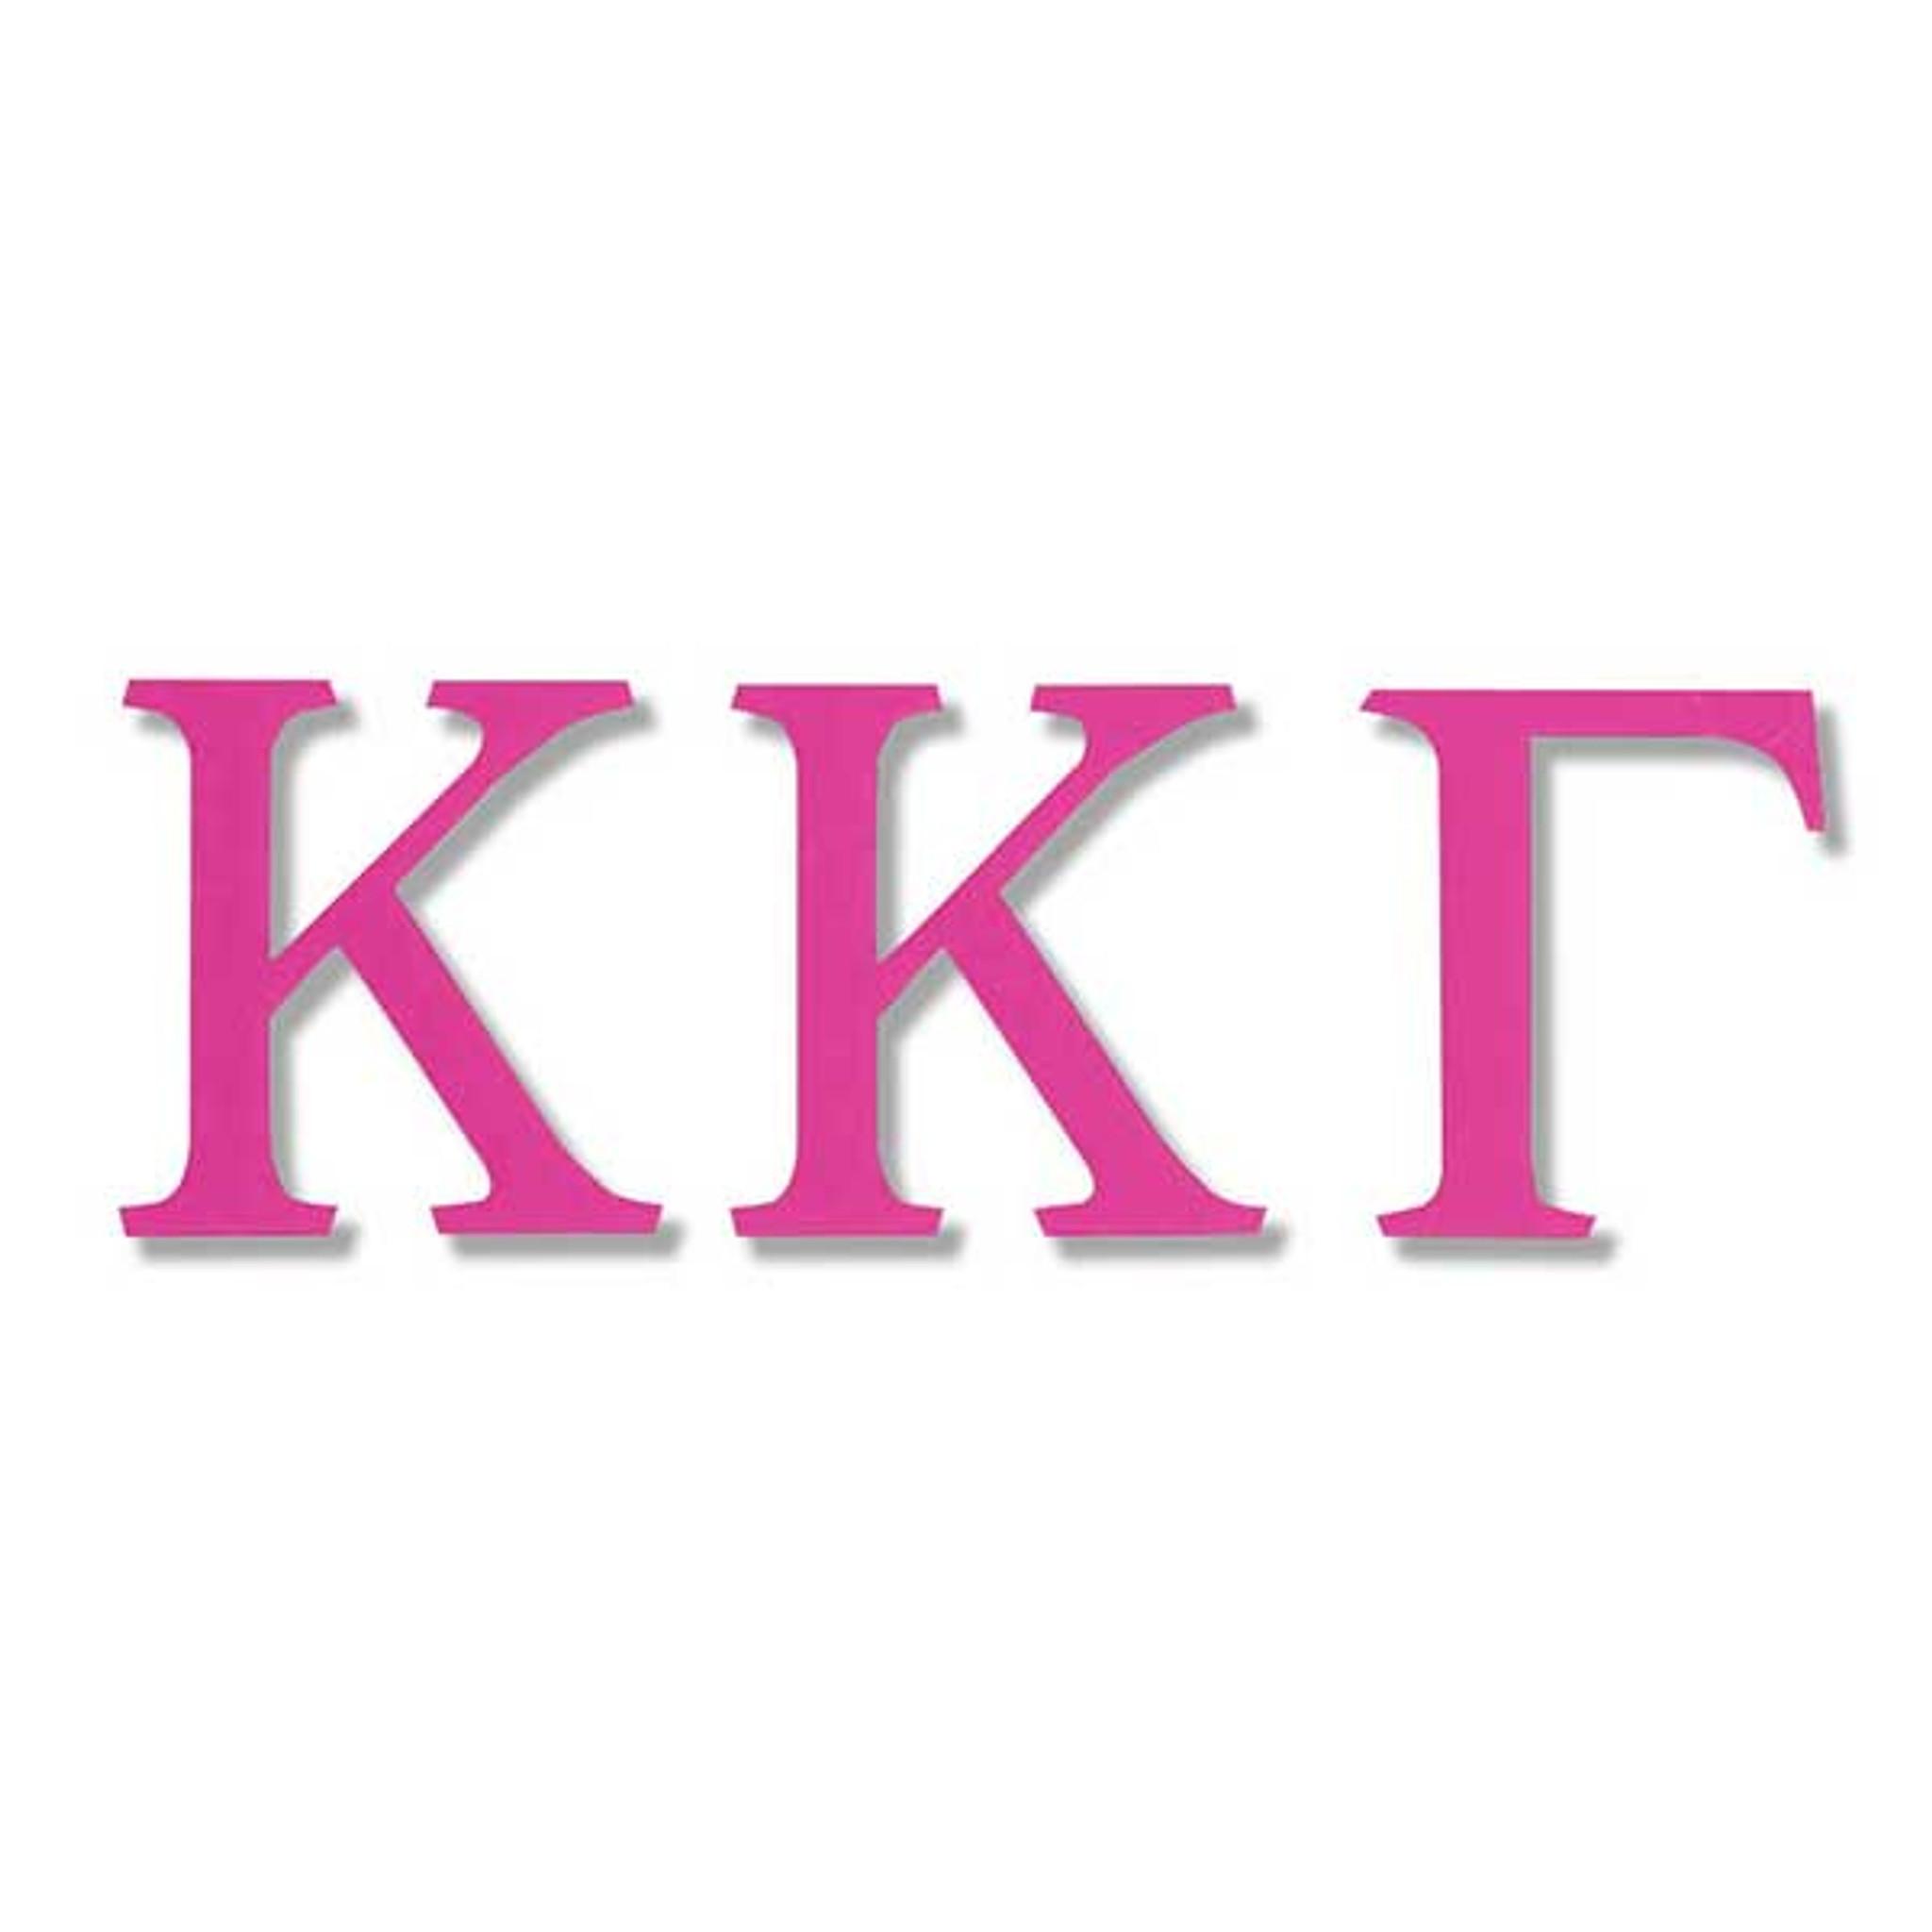 szeroki zasięg tania wyprzedaż usa tak tanio Kappa Kappa Gamma Jumbo Sticker in Hot Pink